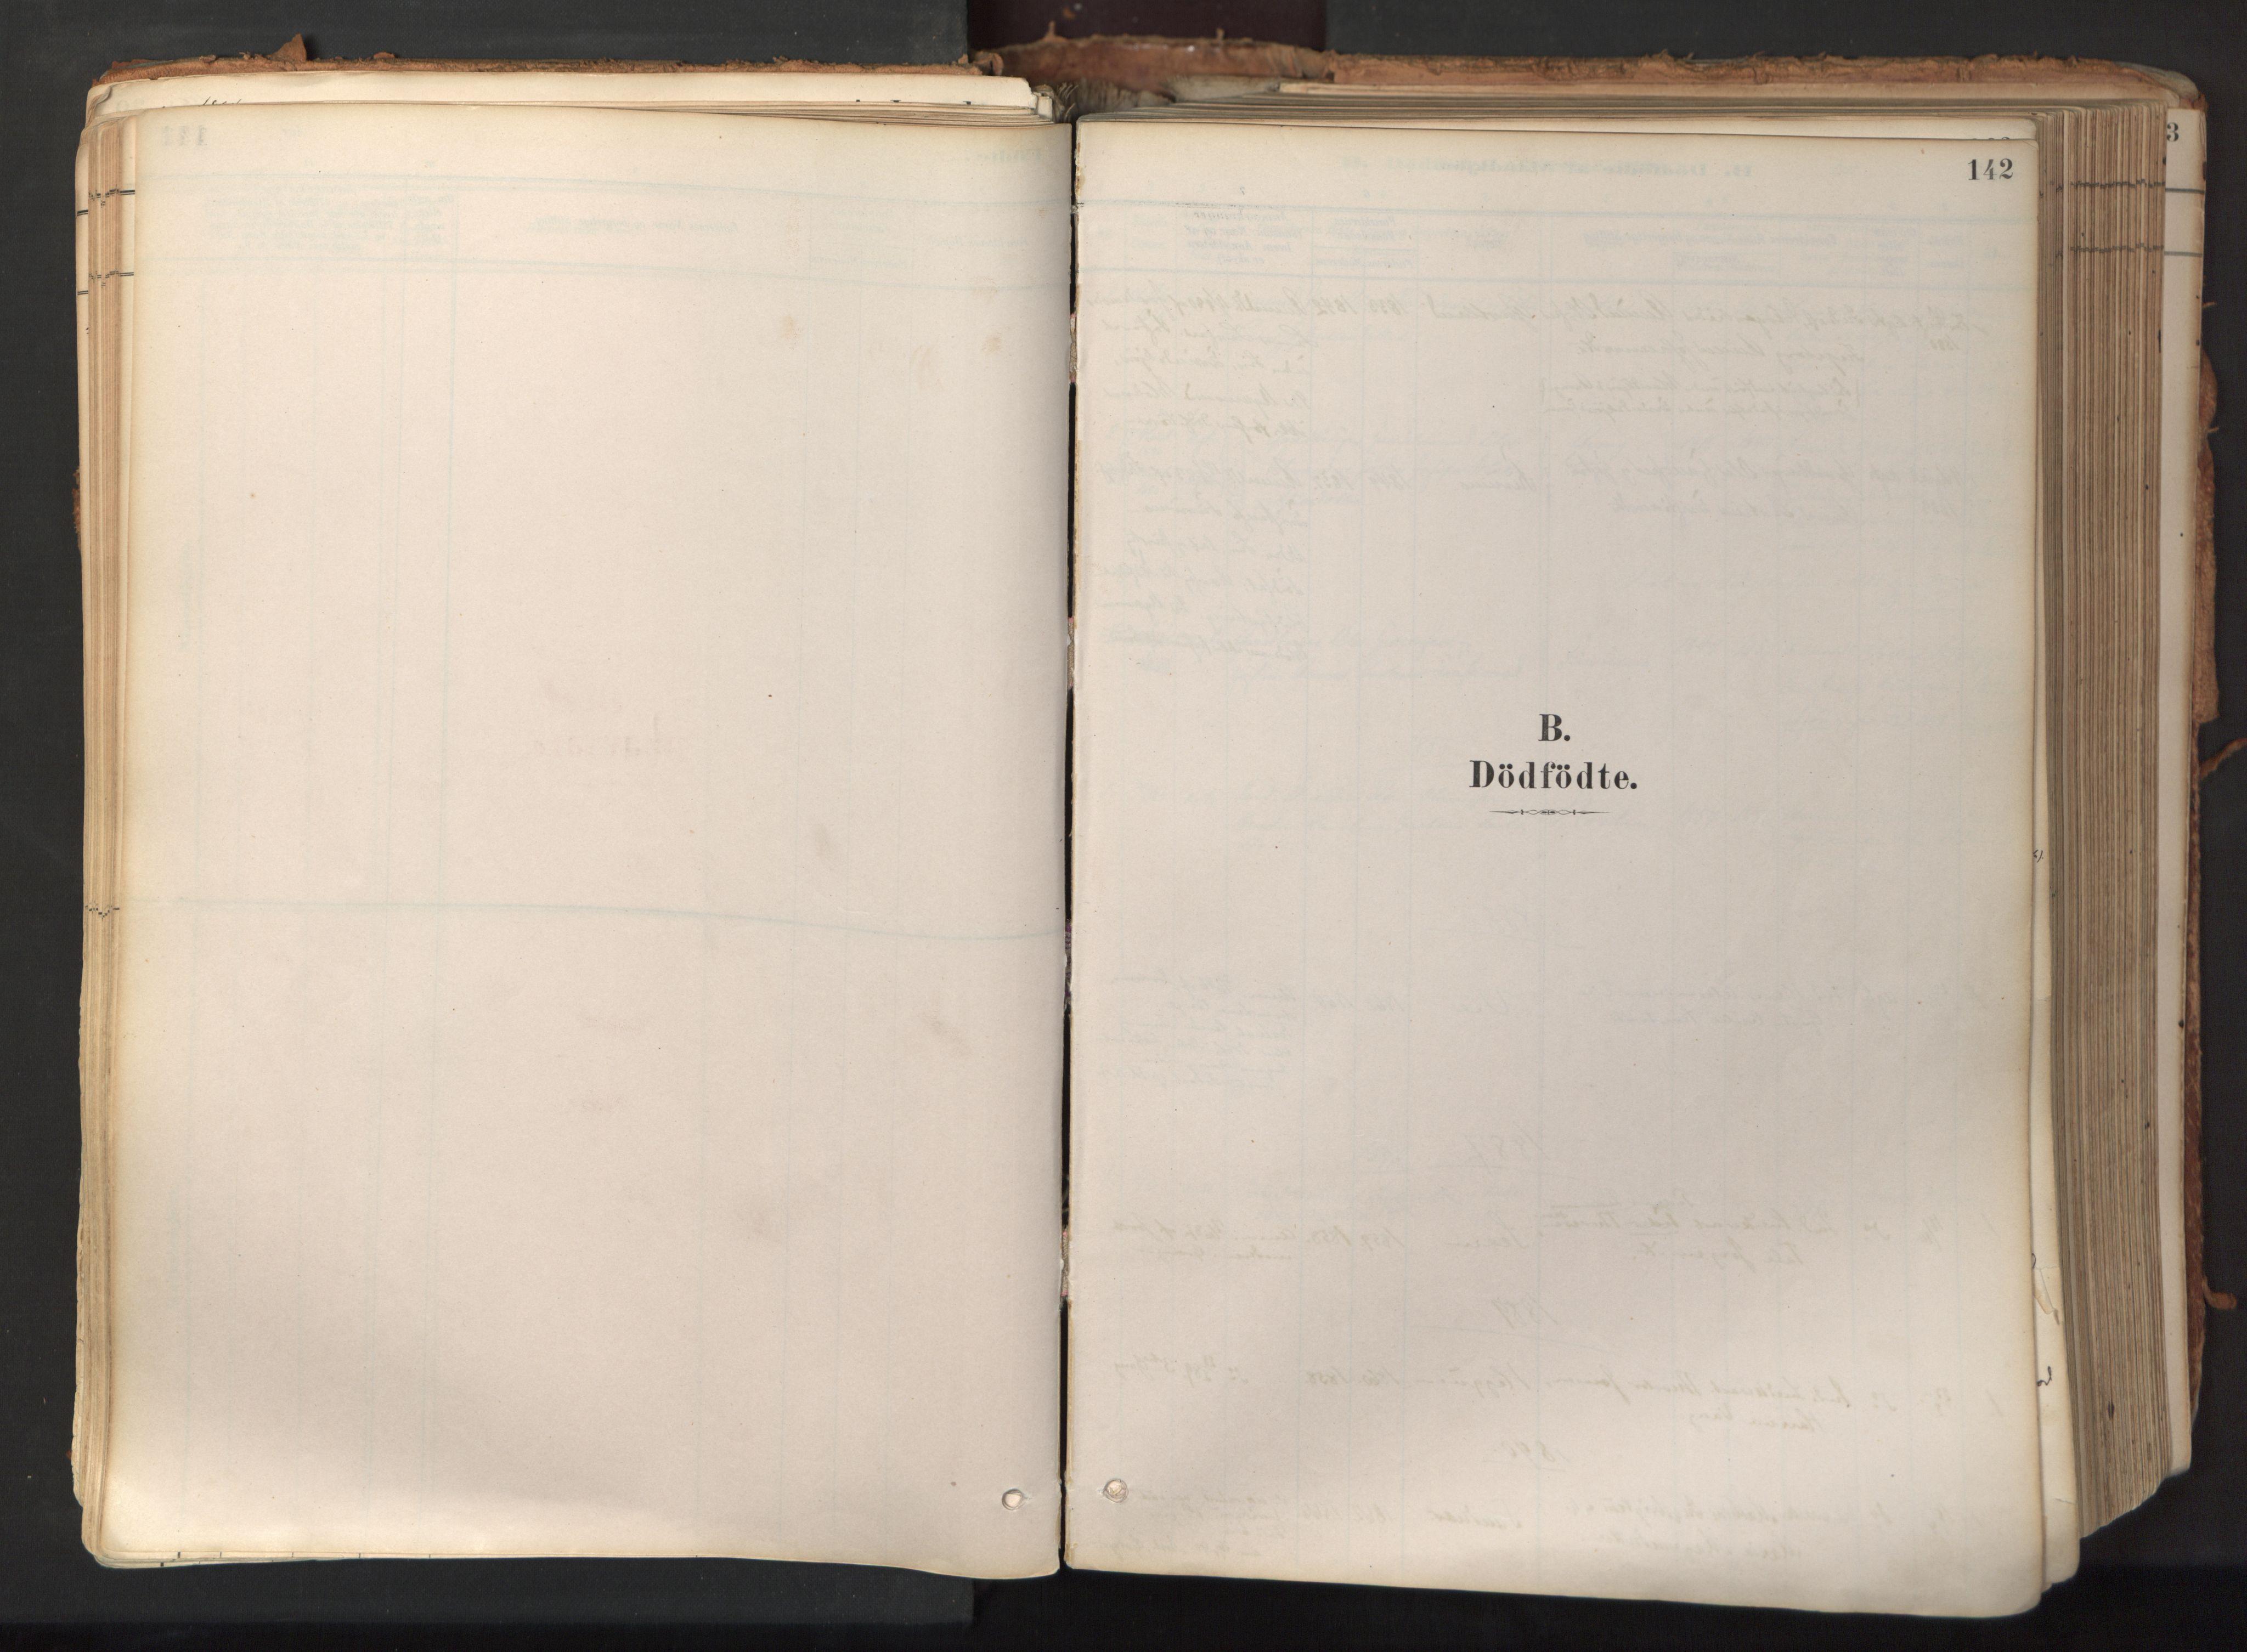 SAT, Ministerialprotokoller, klokkerbøker og fødselsregistre - Nord-Trøndelag, 758/L0519: Ministerialbok nr. 758A04, 1880-1926, s. 142